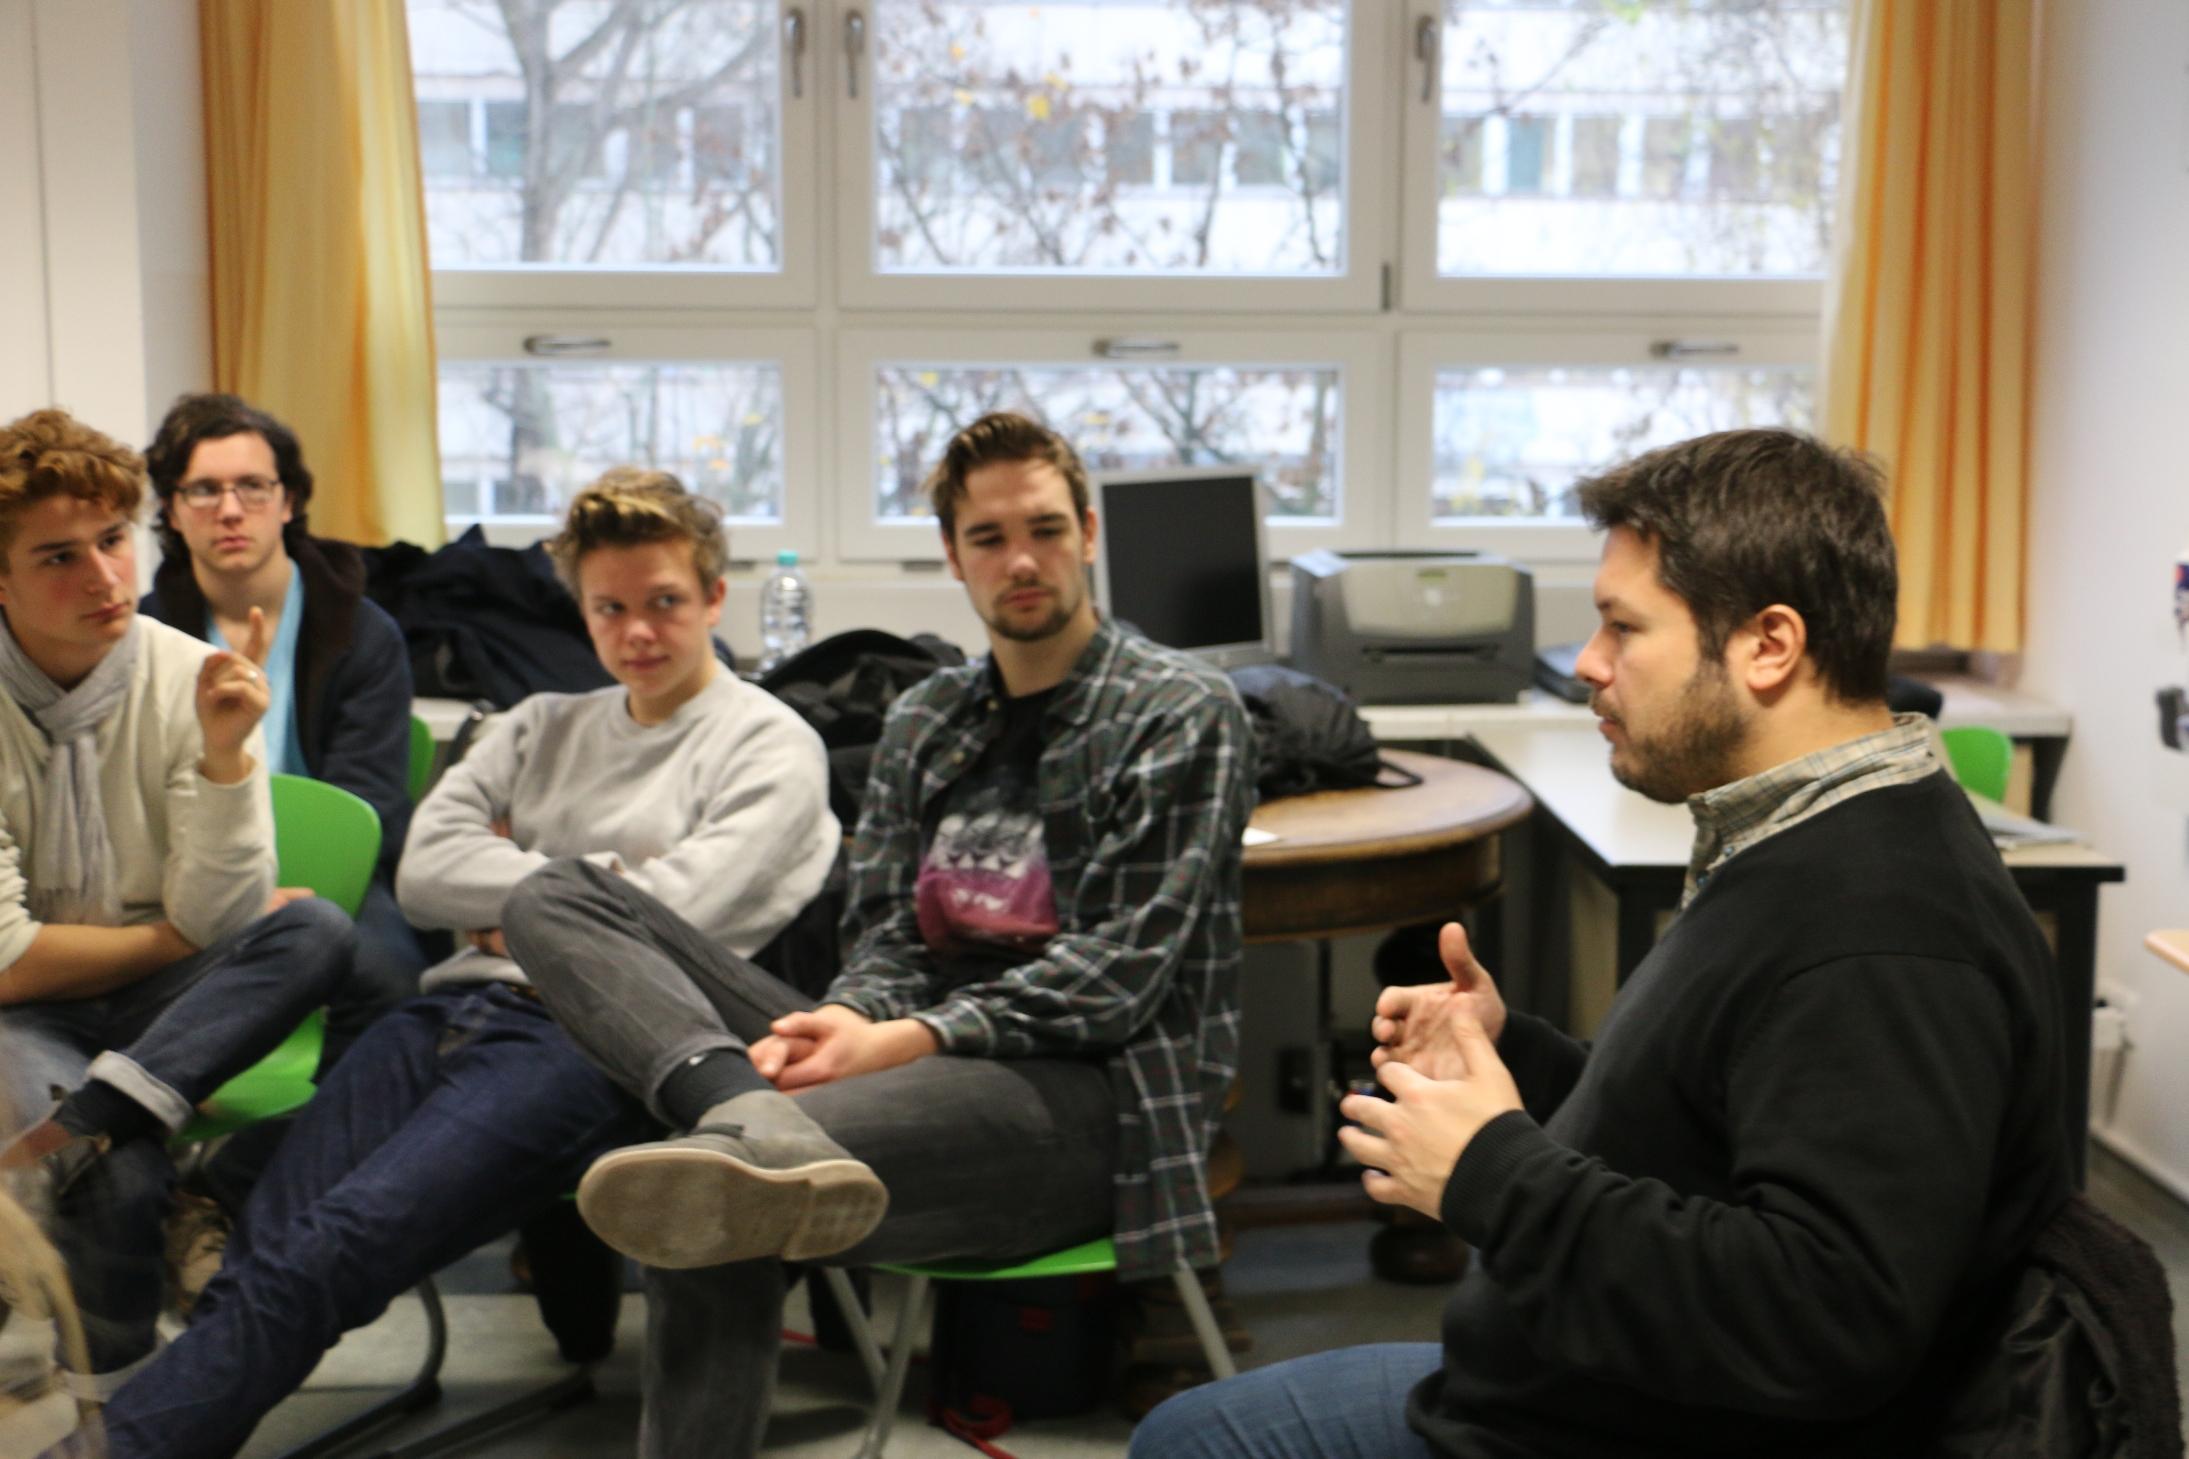 Evangelische Schule Berlin Zentrum, 16.12.2015